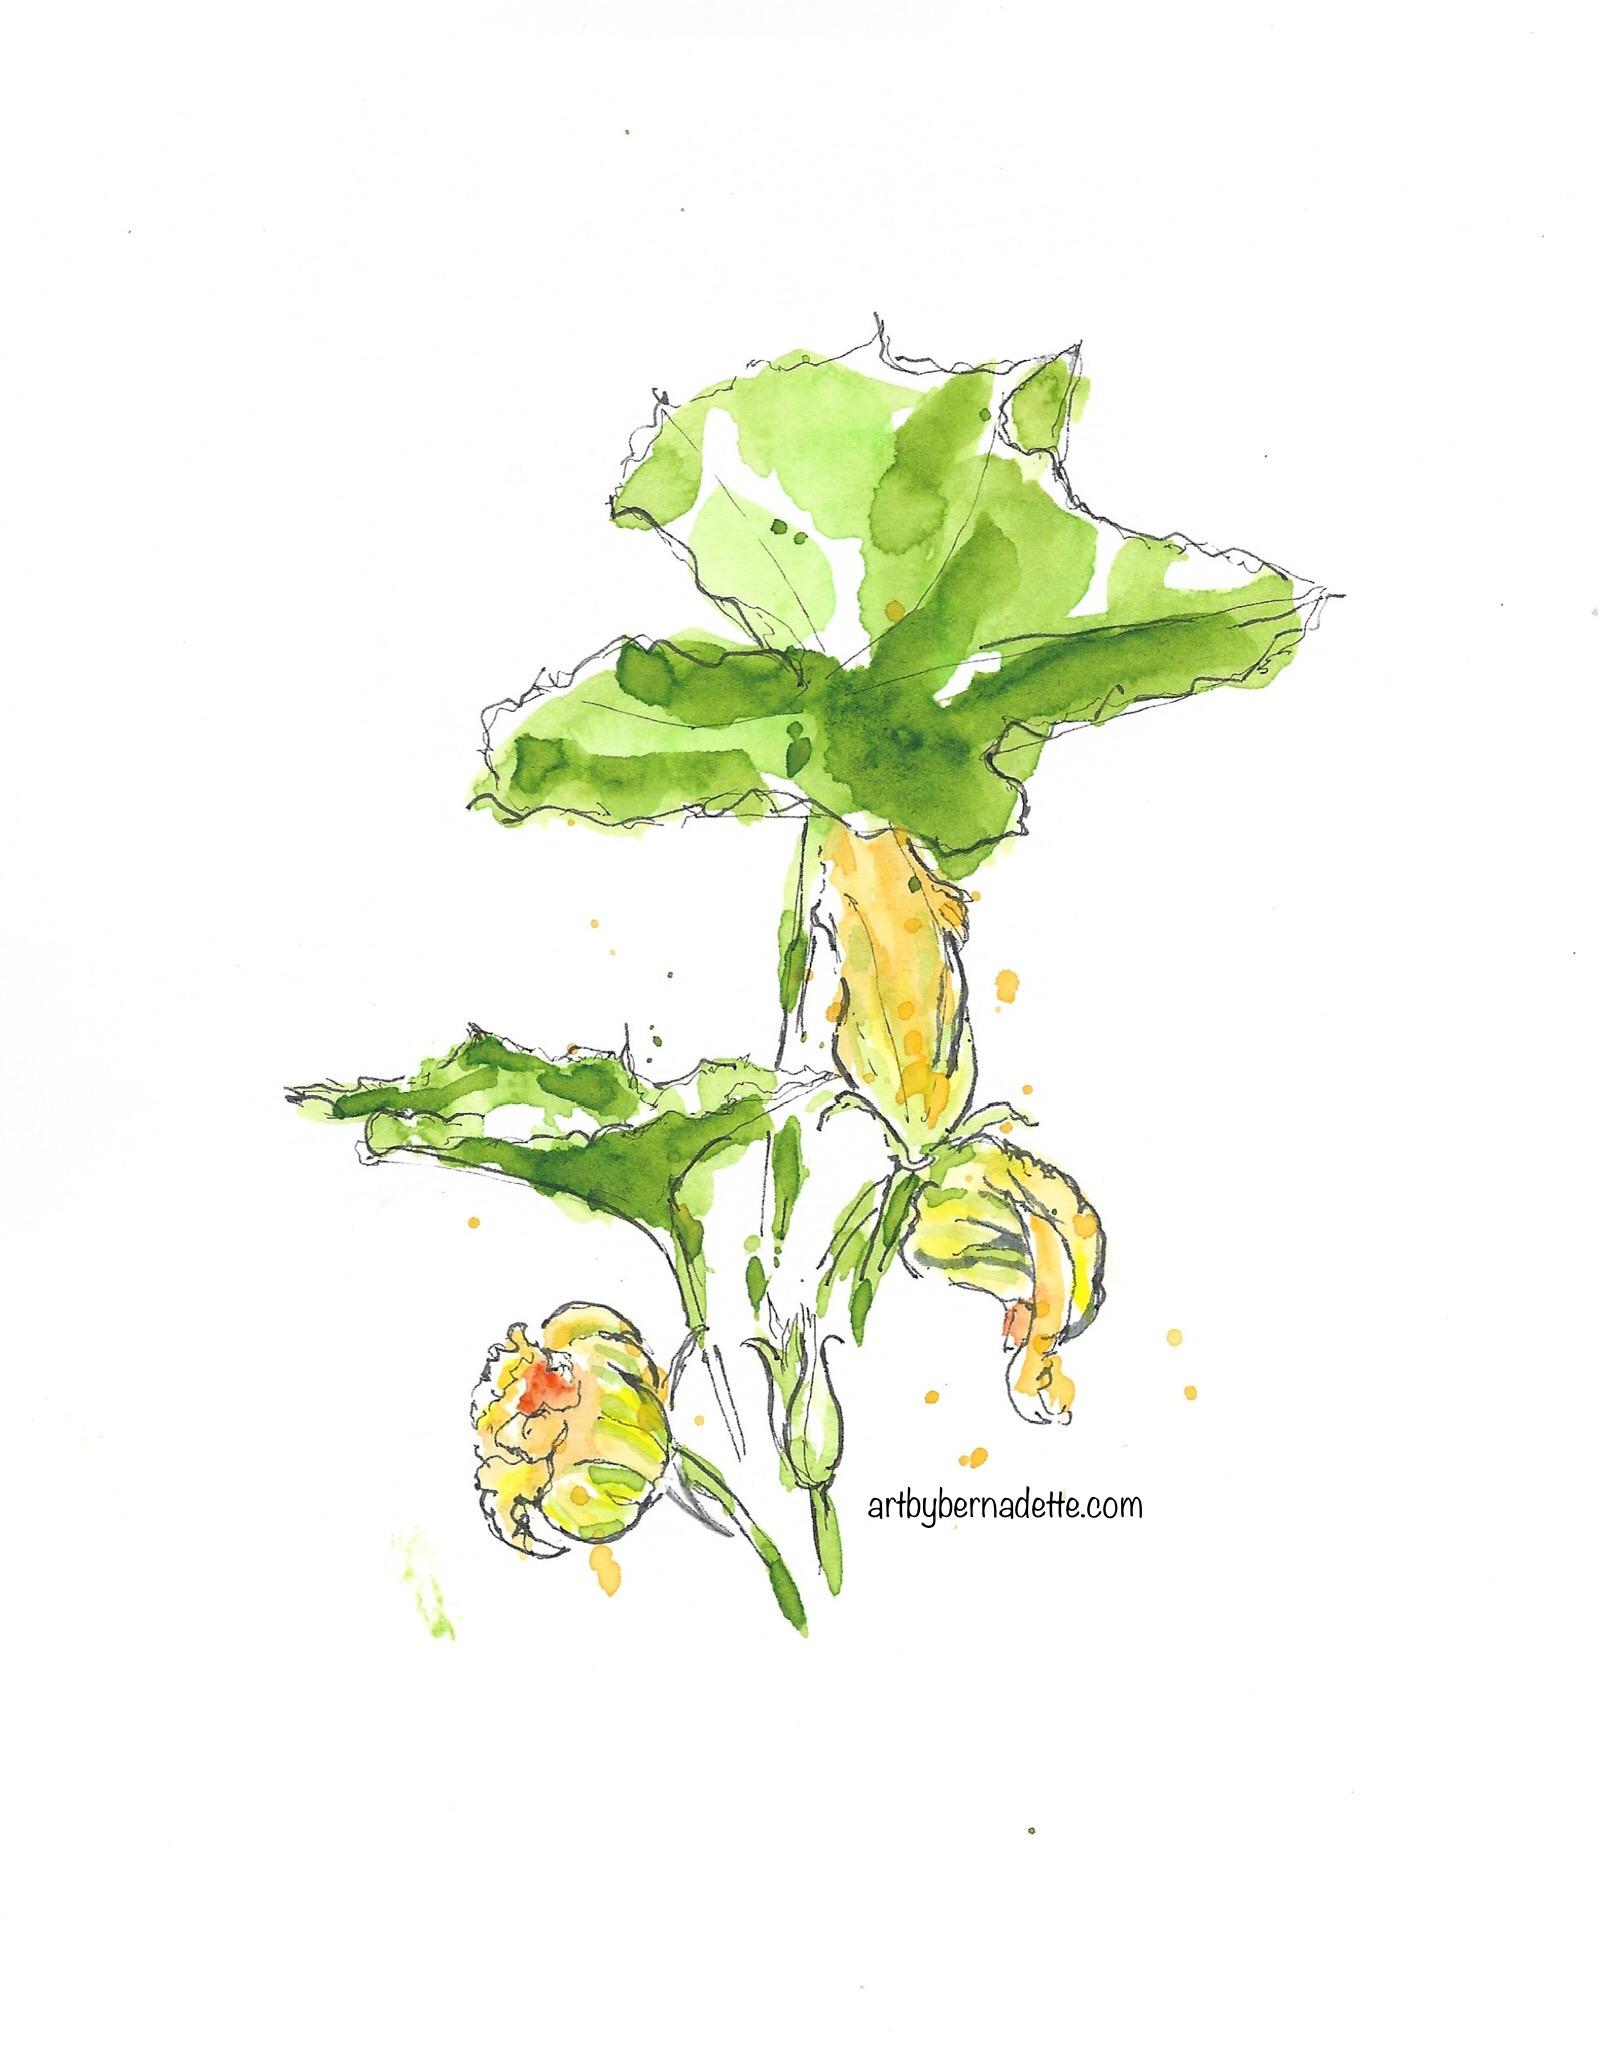 Zucchini watercolor